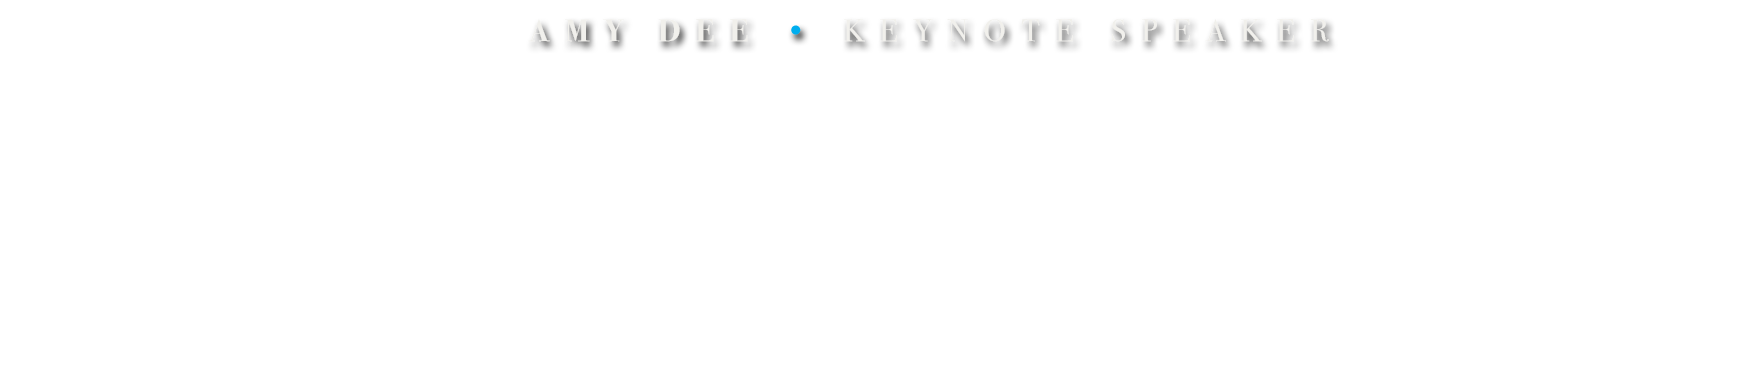 Amy Dee Keynote Speaker